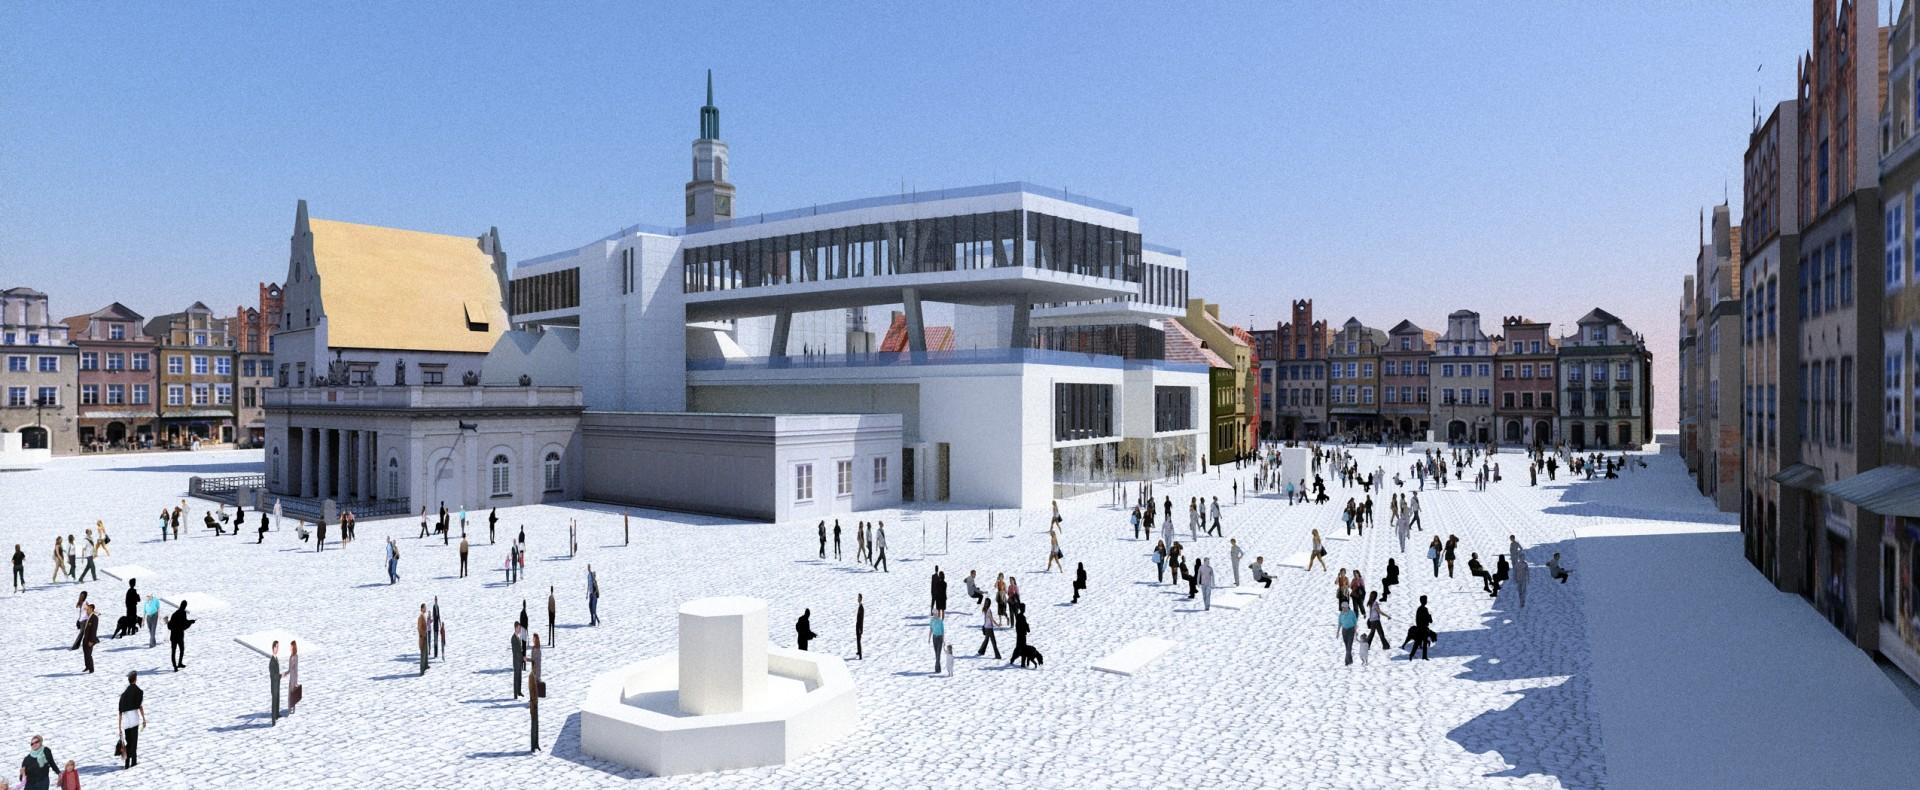 thinking architects ARCHITEKT Jakub Gwizdała projekty gotowe nowoczesny projekt domu   museum of modern art poznan view from the Market